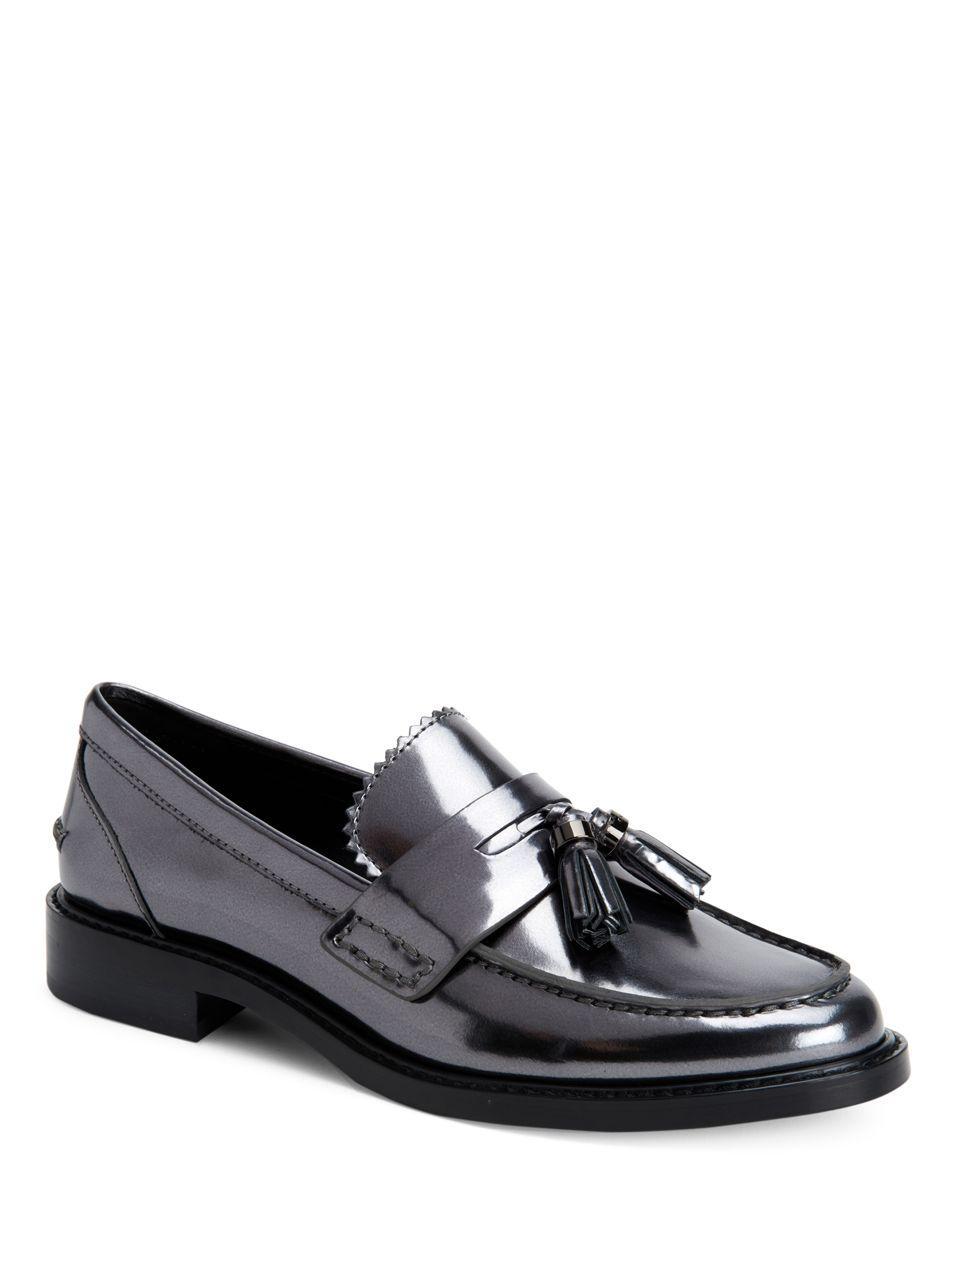 a21d5328f55 Lyst - Coach Izabella Loafers in Black